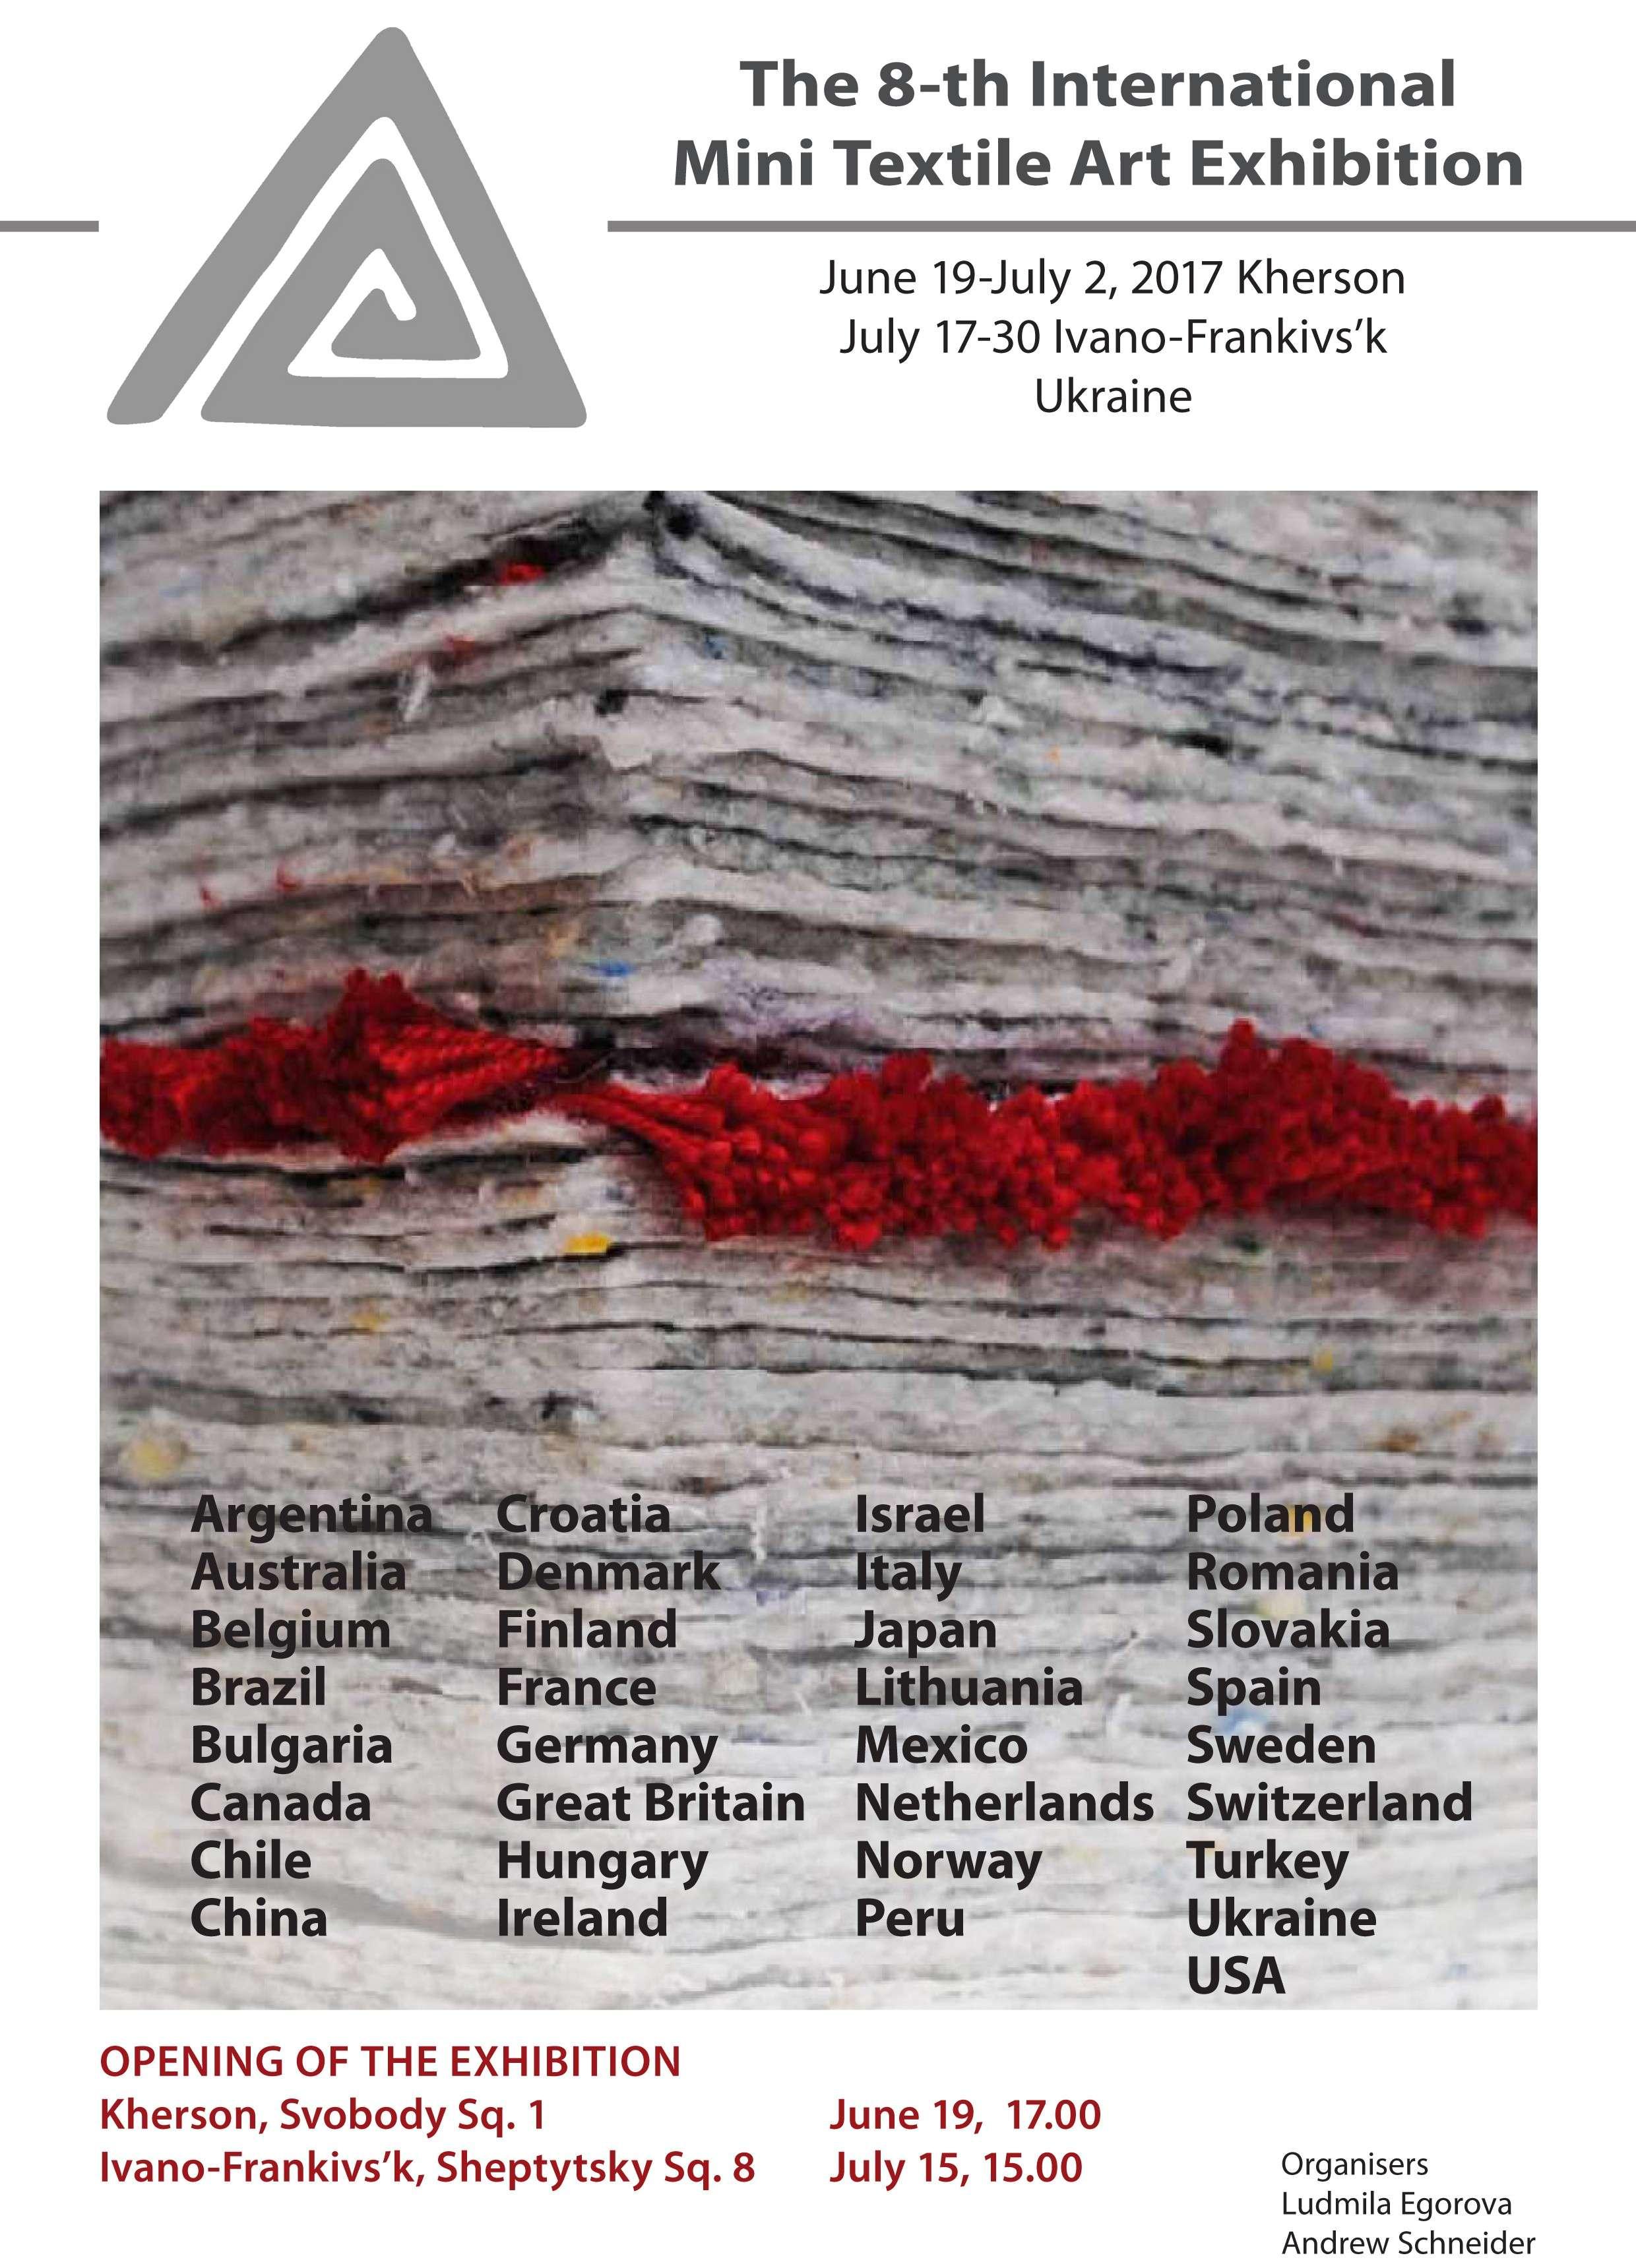 Je participe à l'édition 2017 de la Biennale de Mini art textile Scythia, en Ukraine.